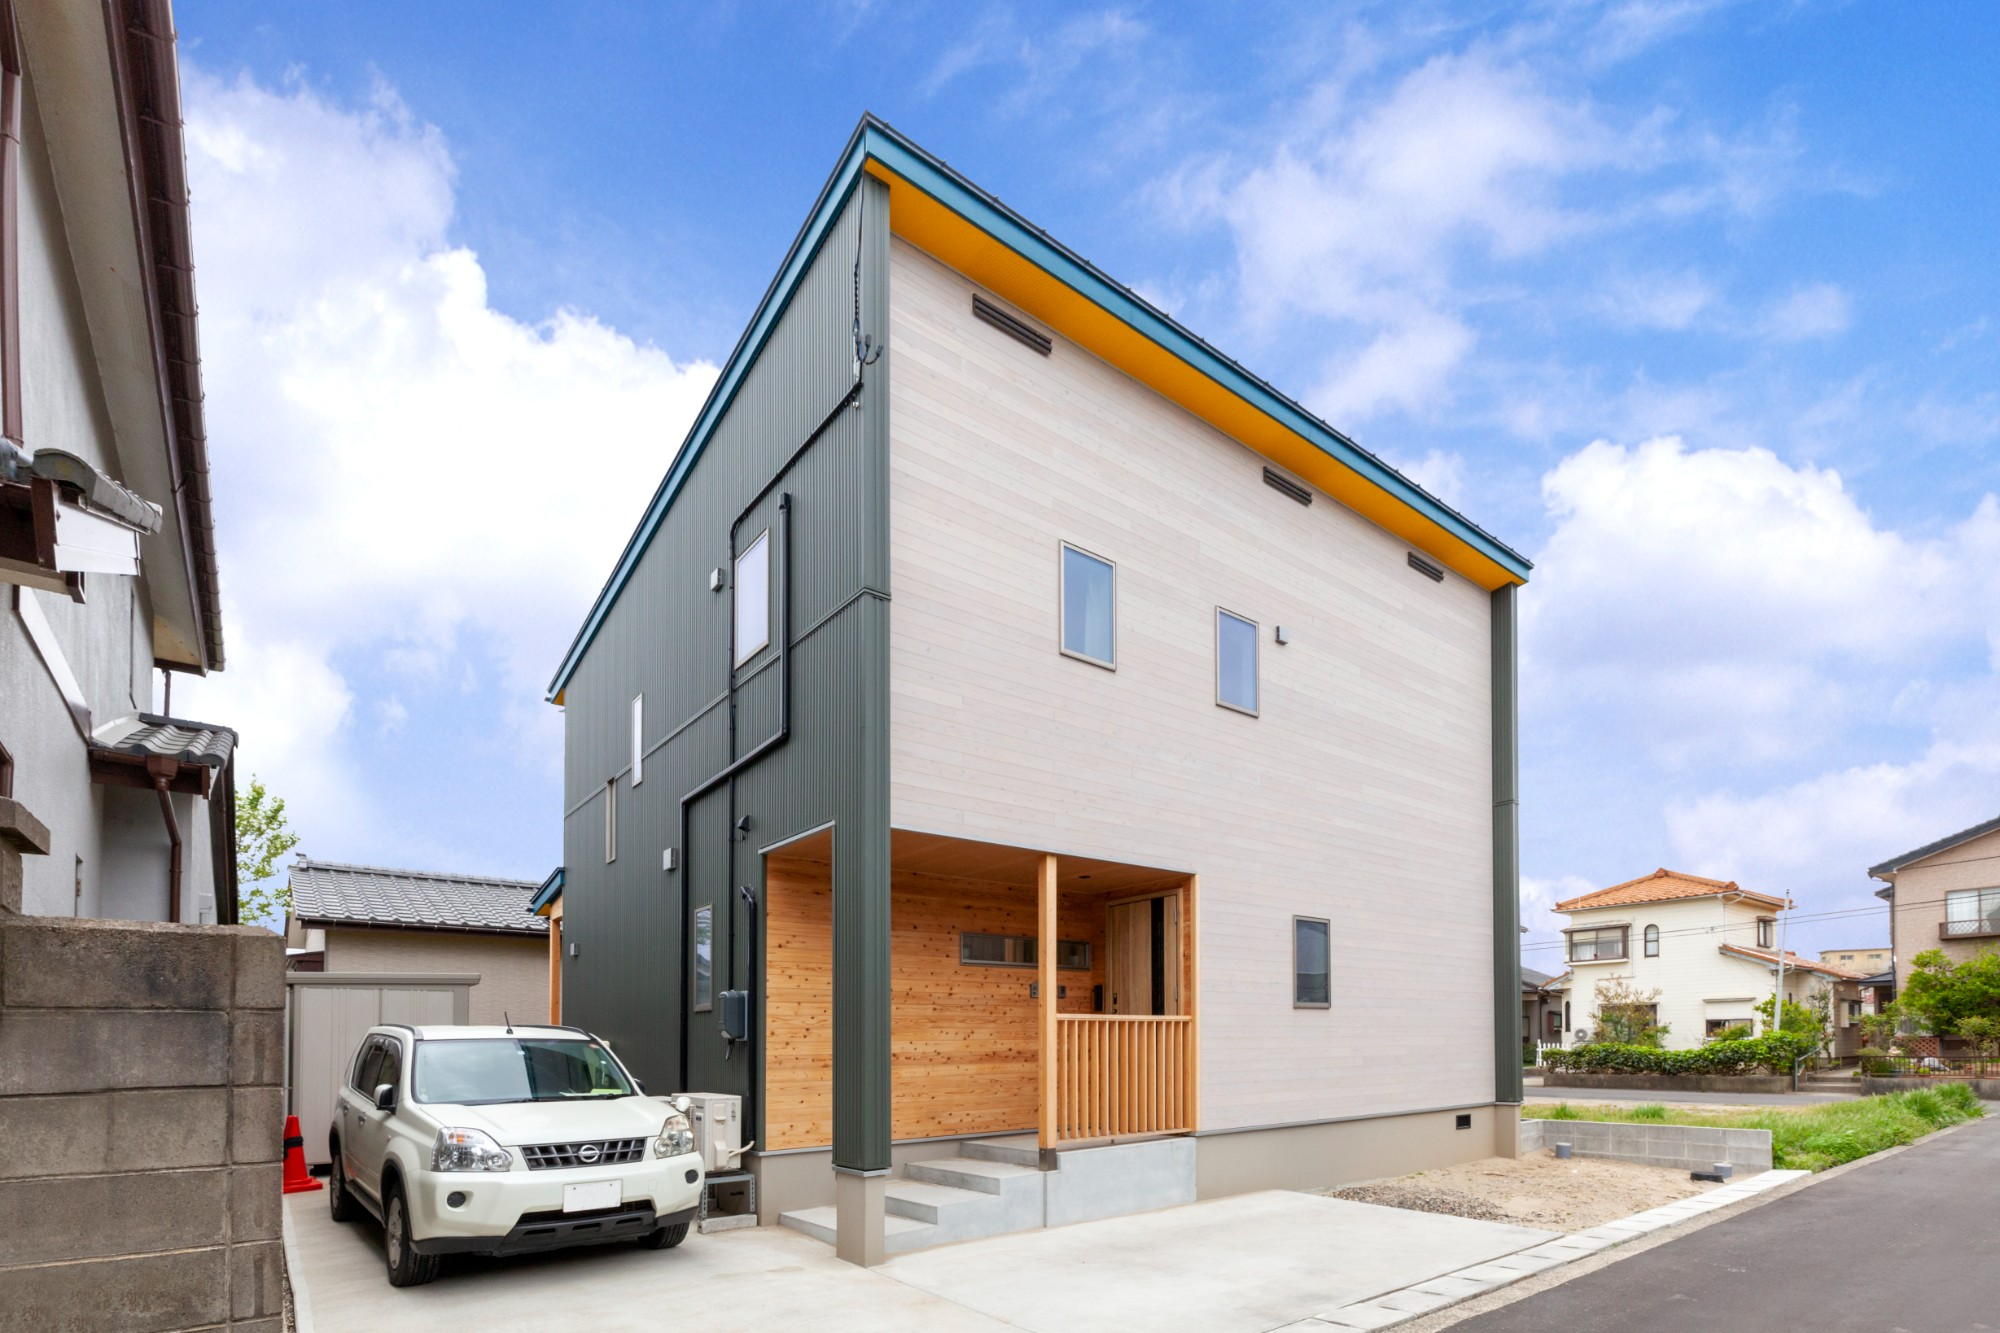 新潟材協 クオリティハウス「自然素材に彩られた、家族と繋がる住まい」の外観の実例写真